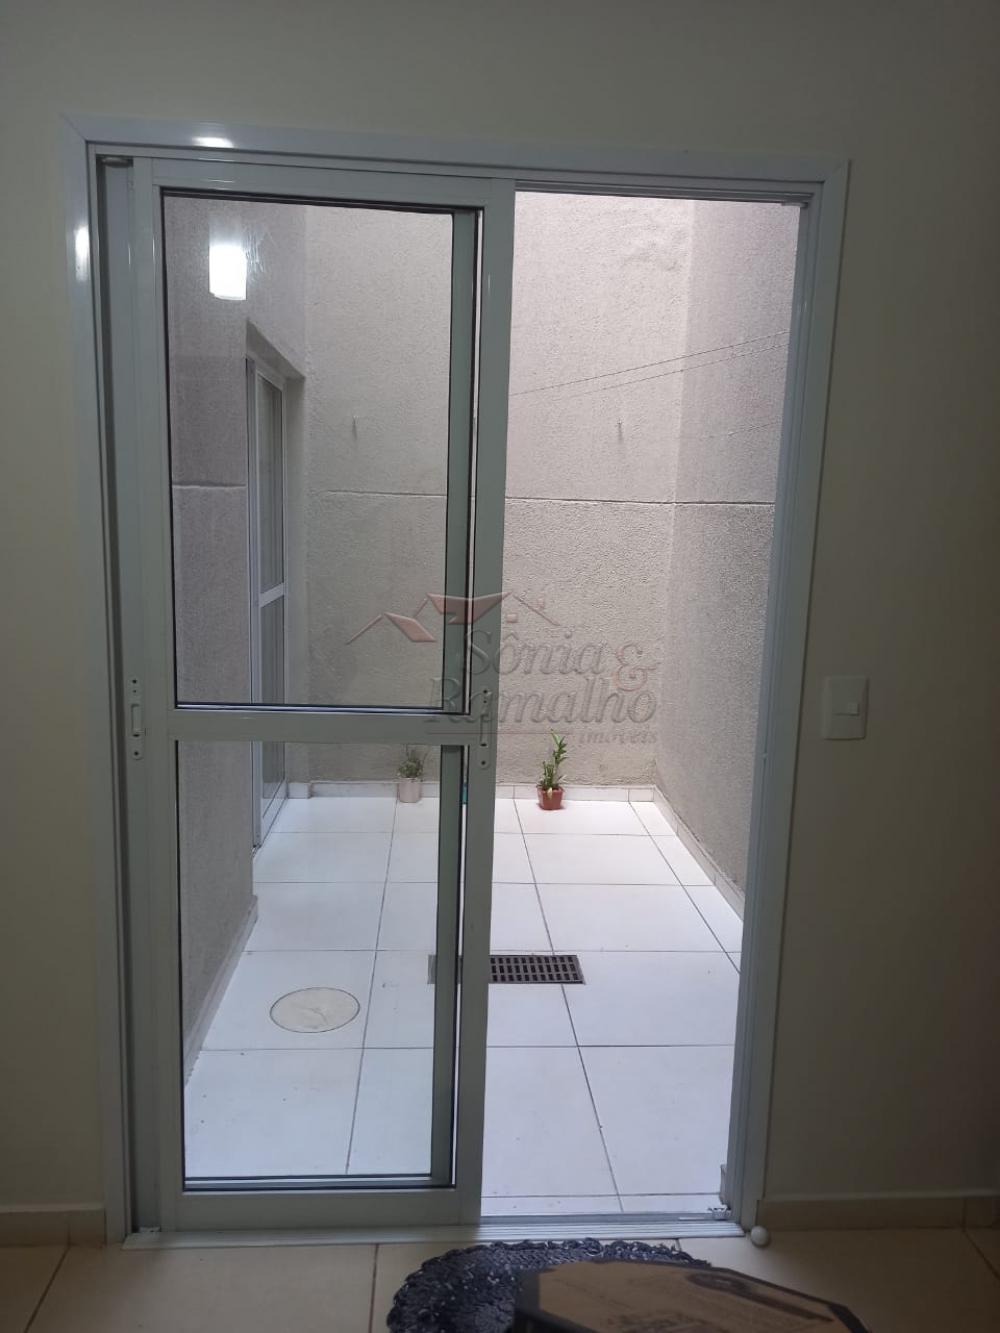 Comprar Apartamentos / Padrão em Ribeirão Preto R$ 225.000,00 - Foto 13